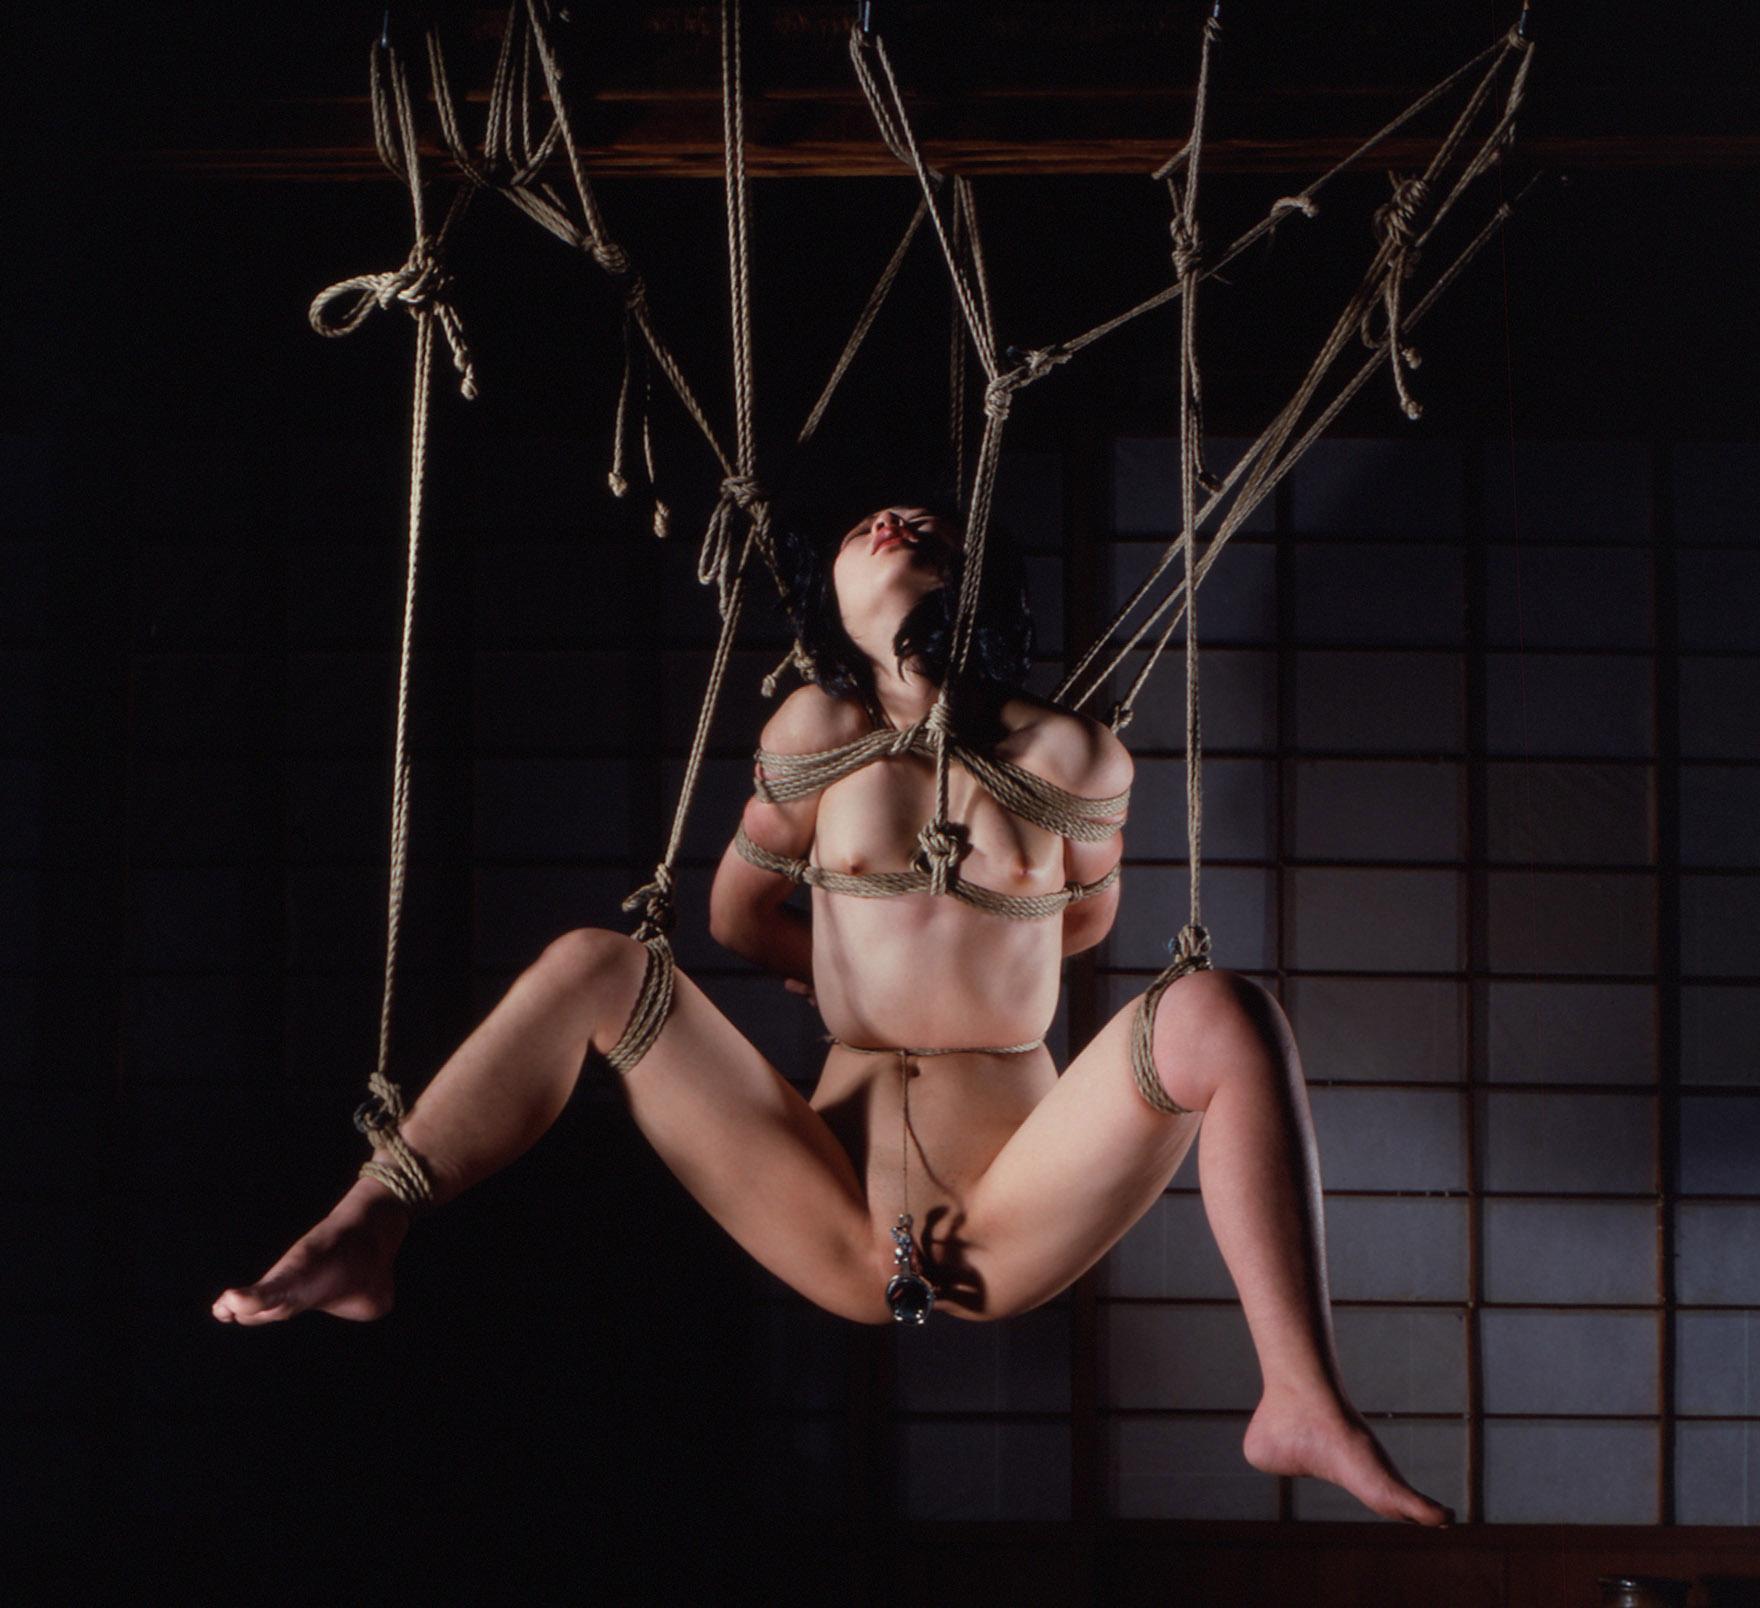 熟女 緊縛 吊り